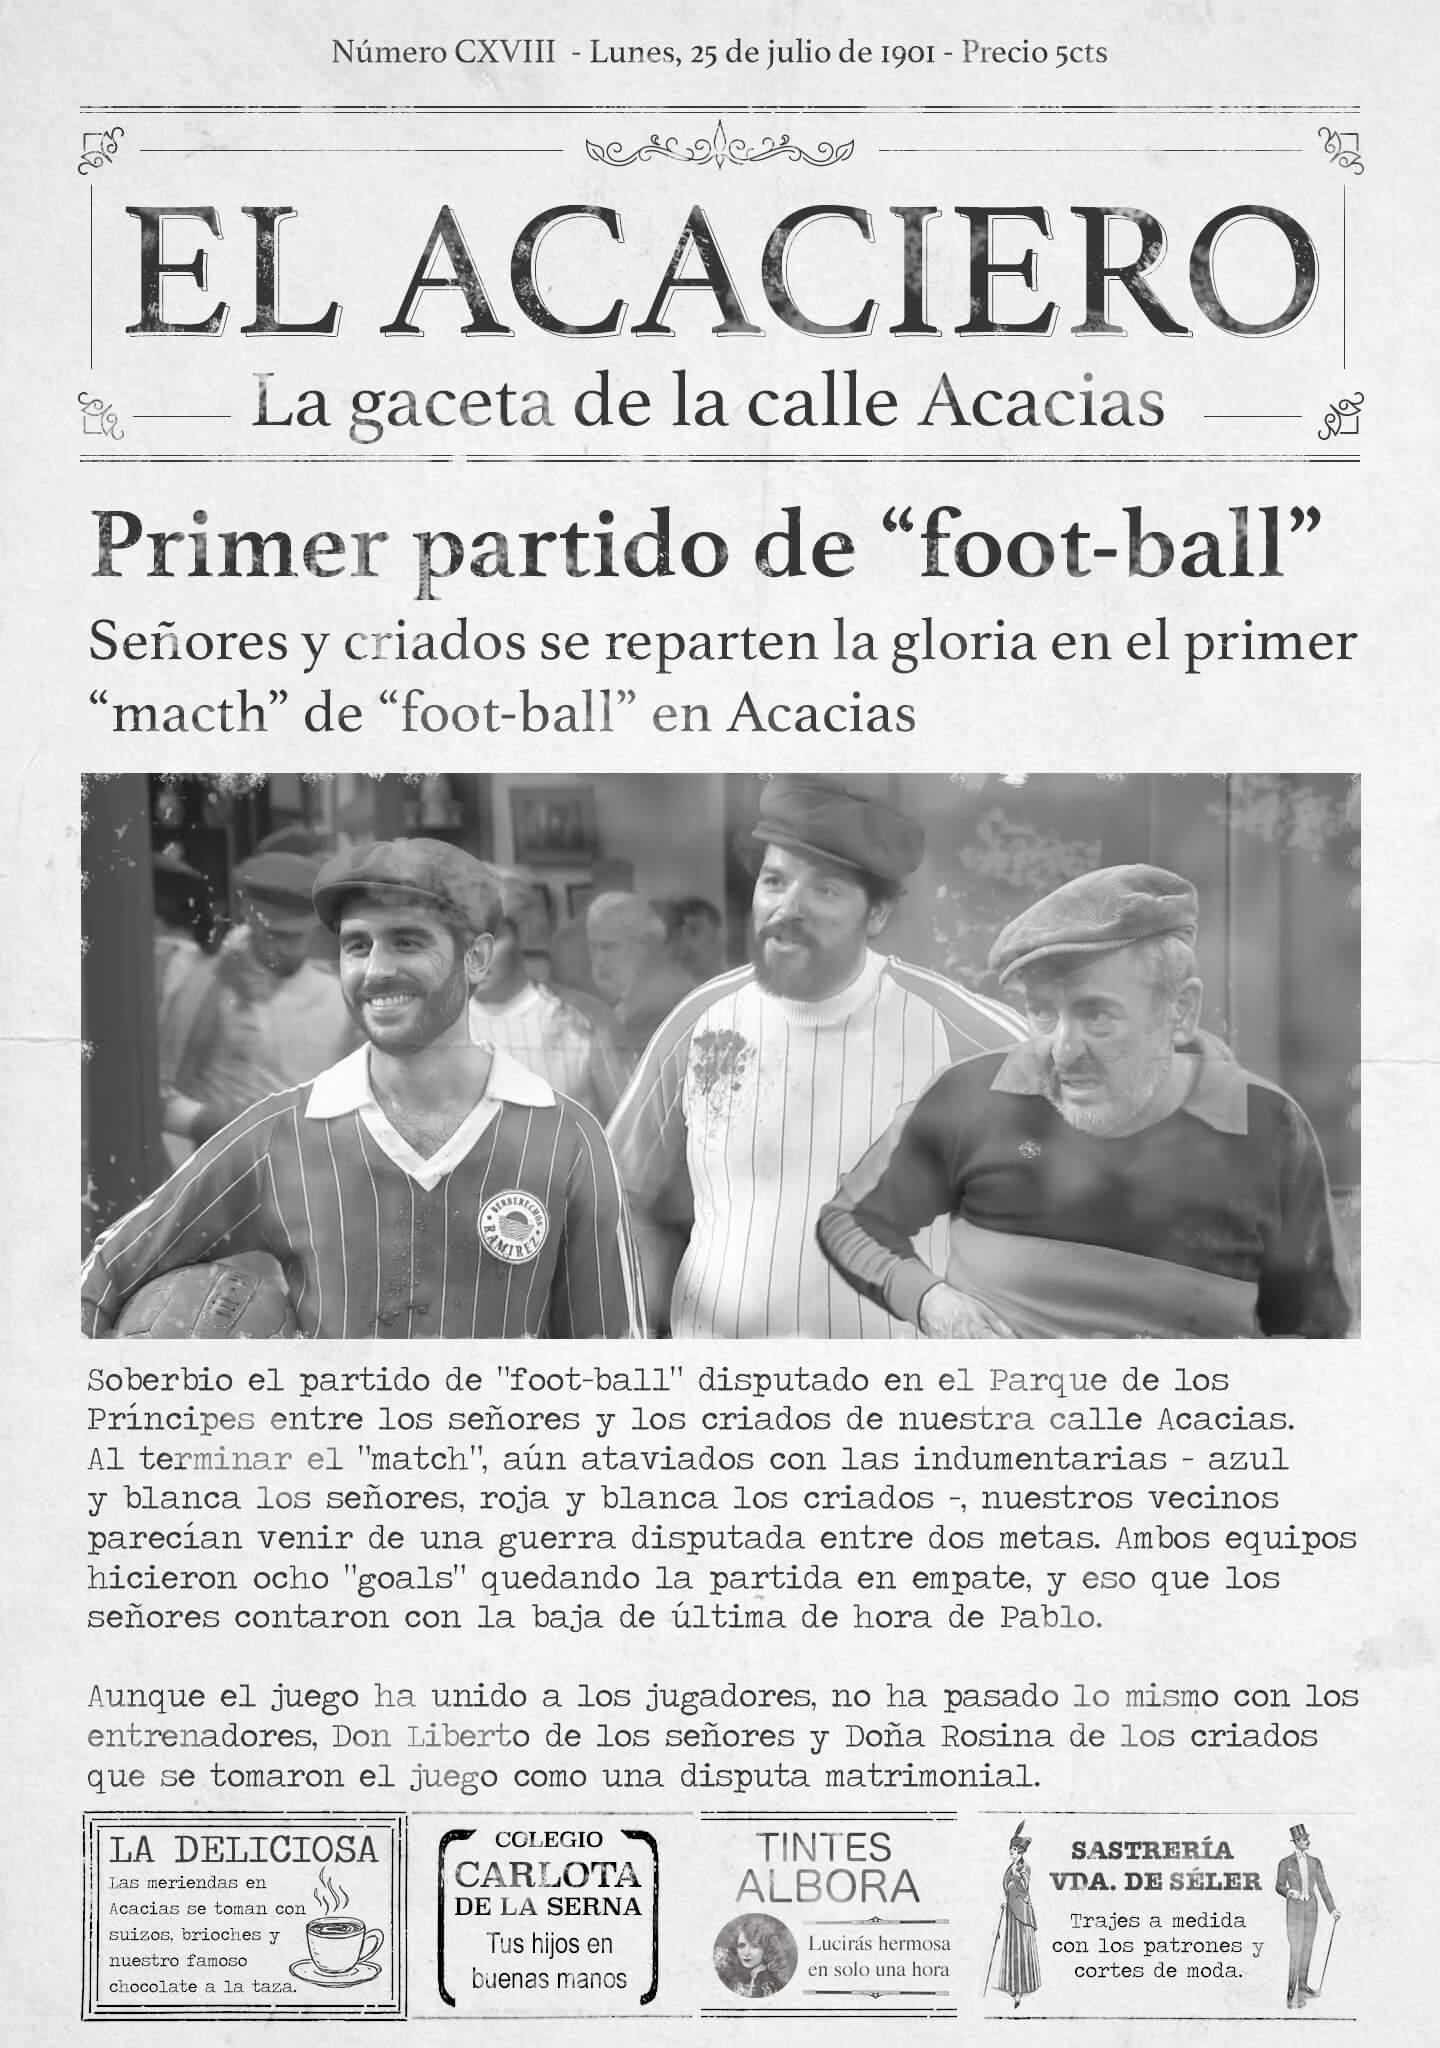 La crónica del primer partido de fútbol disputado en Acacias